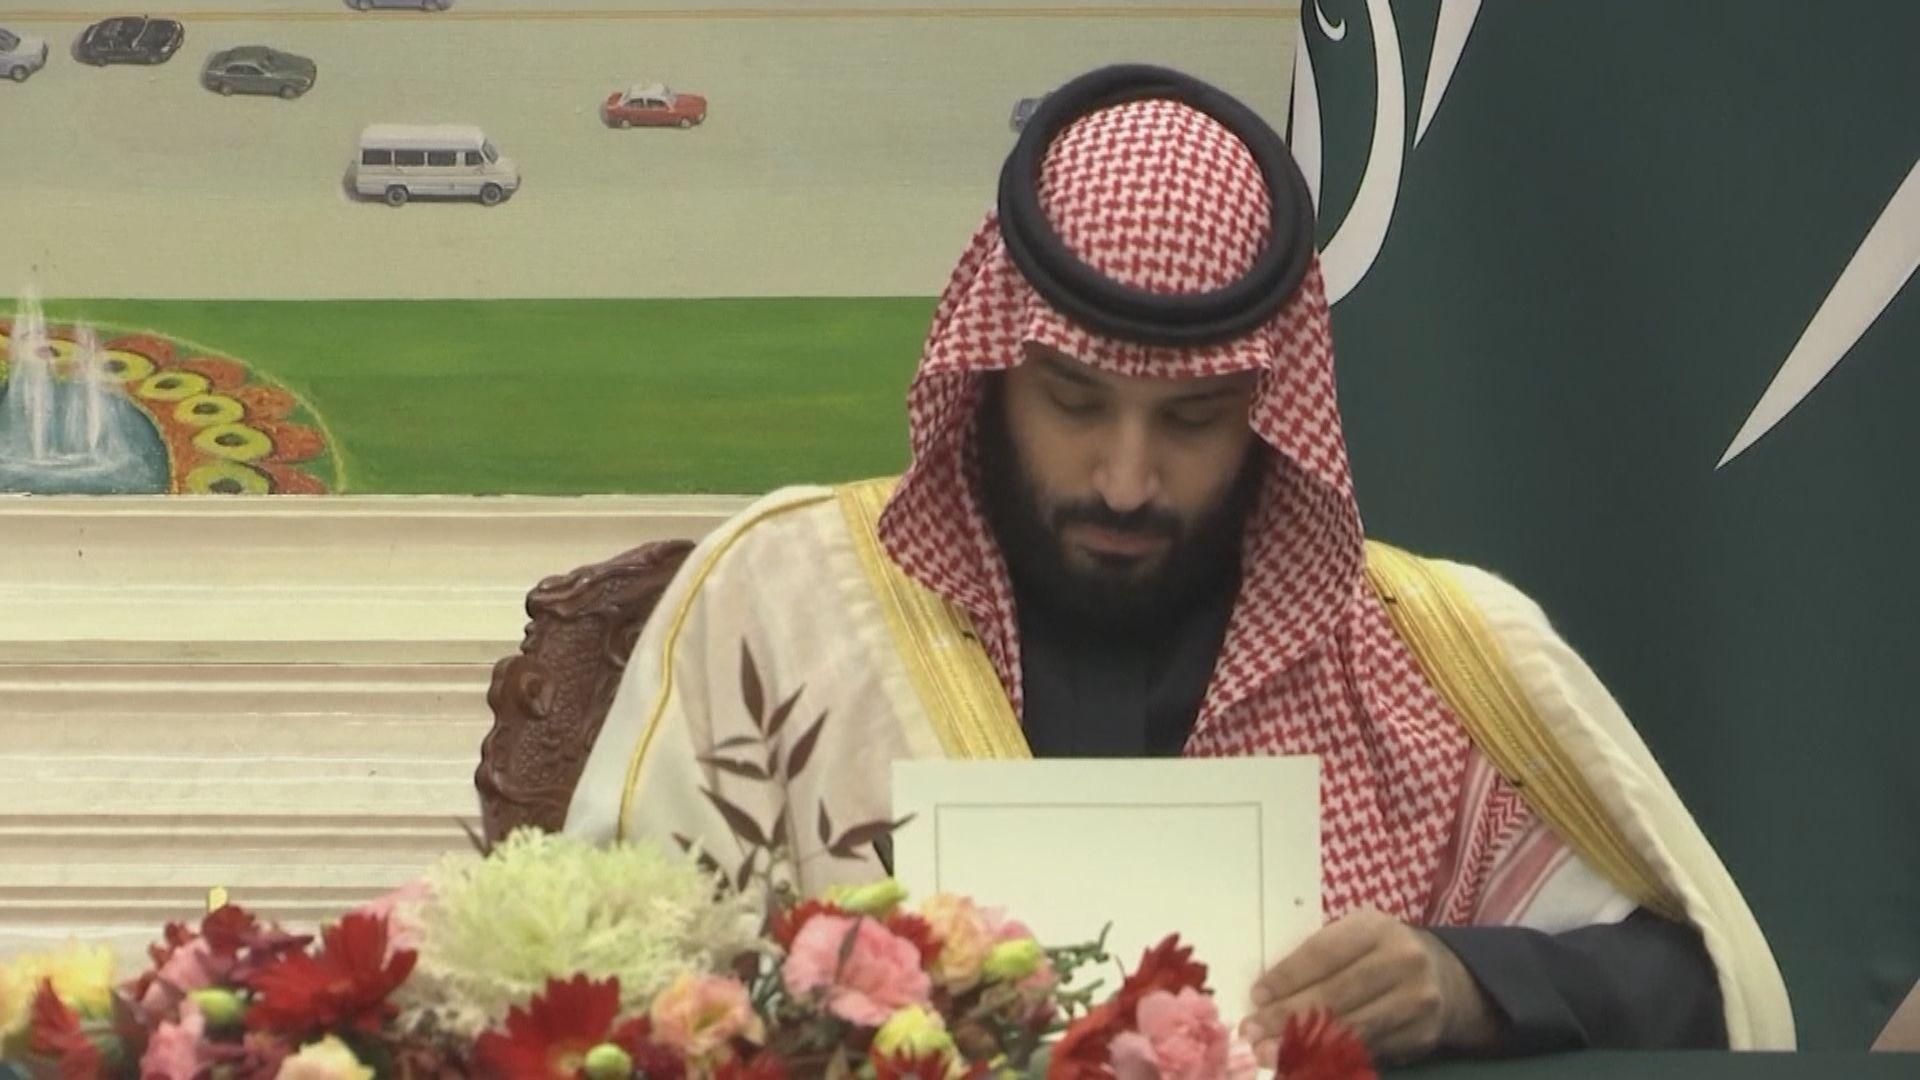 美國就卡舒吉遇害事件制裁多人 惟未包括沙特王儲